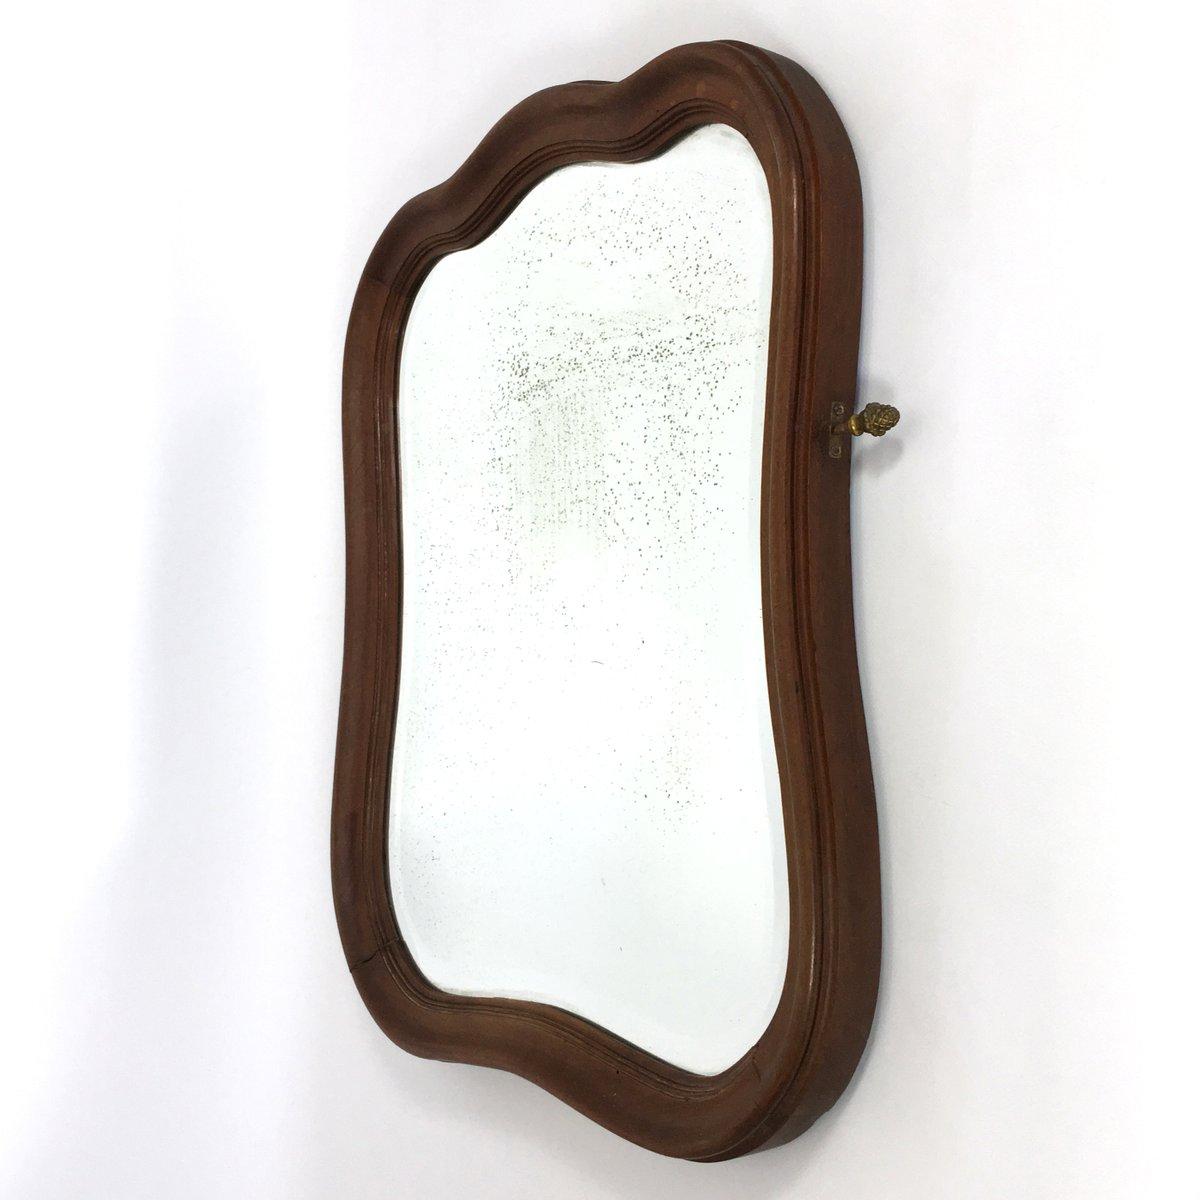 Gro Er Runder Spiegel spiegel mit holzrahmen massivholz dielenspiegel mit rahmen kernbuche wildeiche massivholz